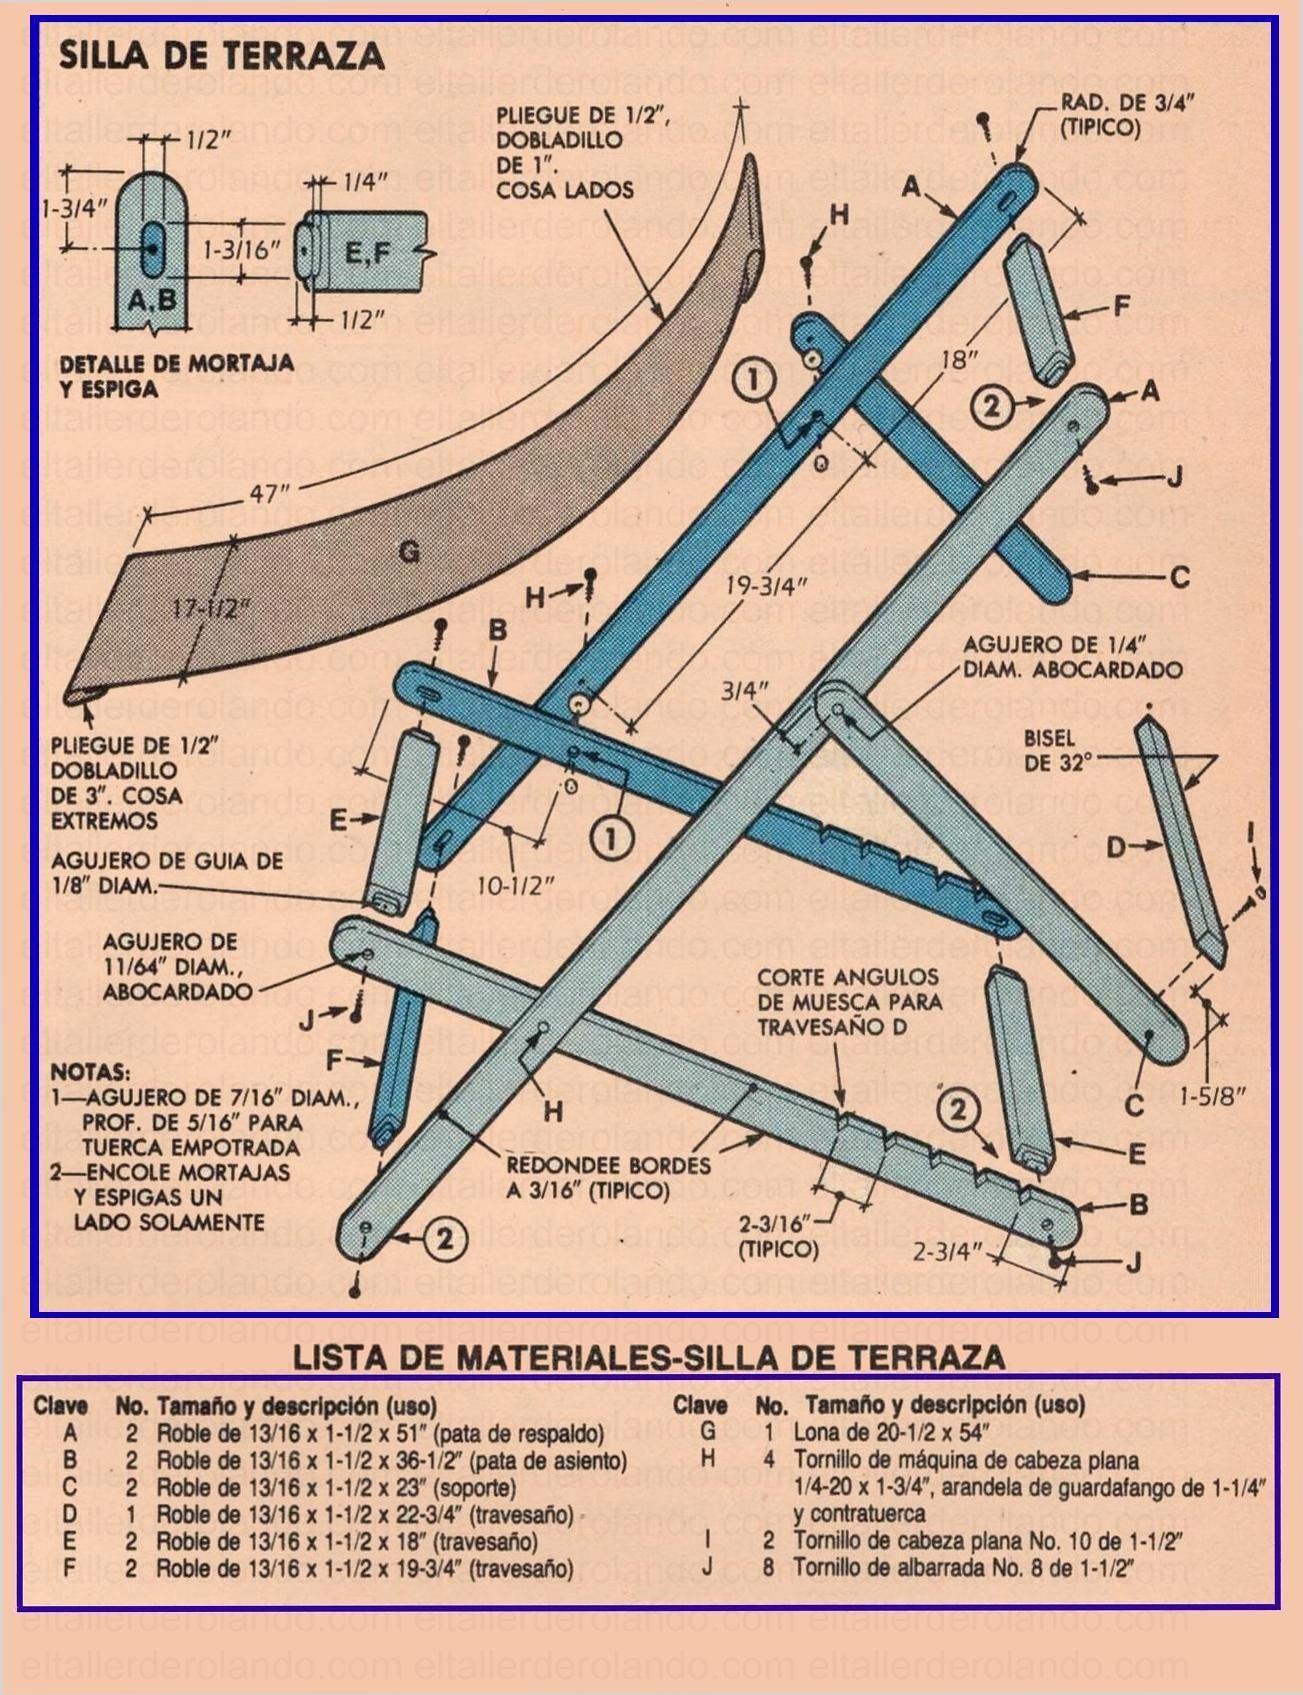 Construya sillas portatiles noviembre 1985 002a lista de for Sillas para planos